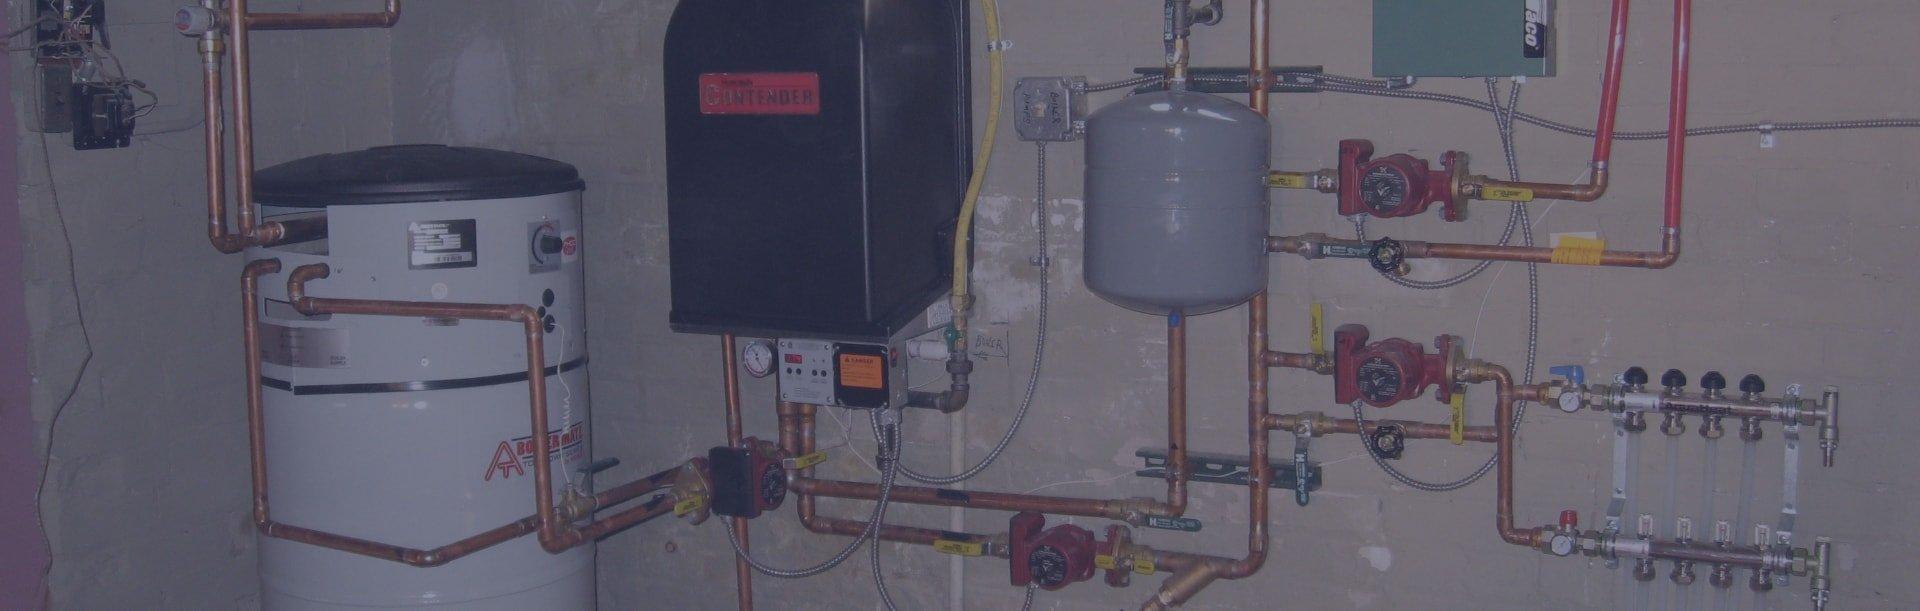 boiler cover